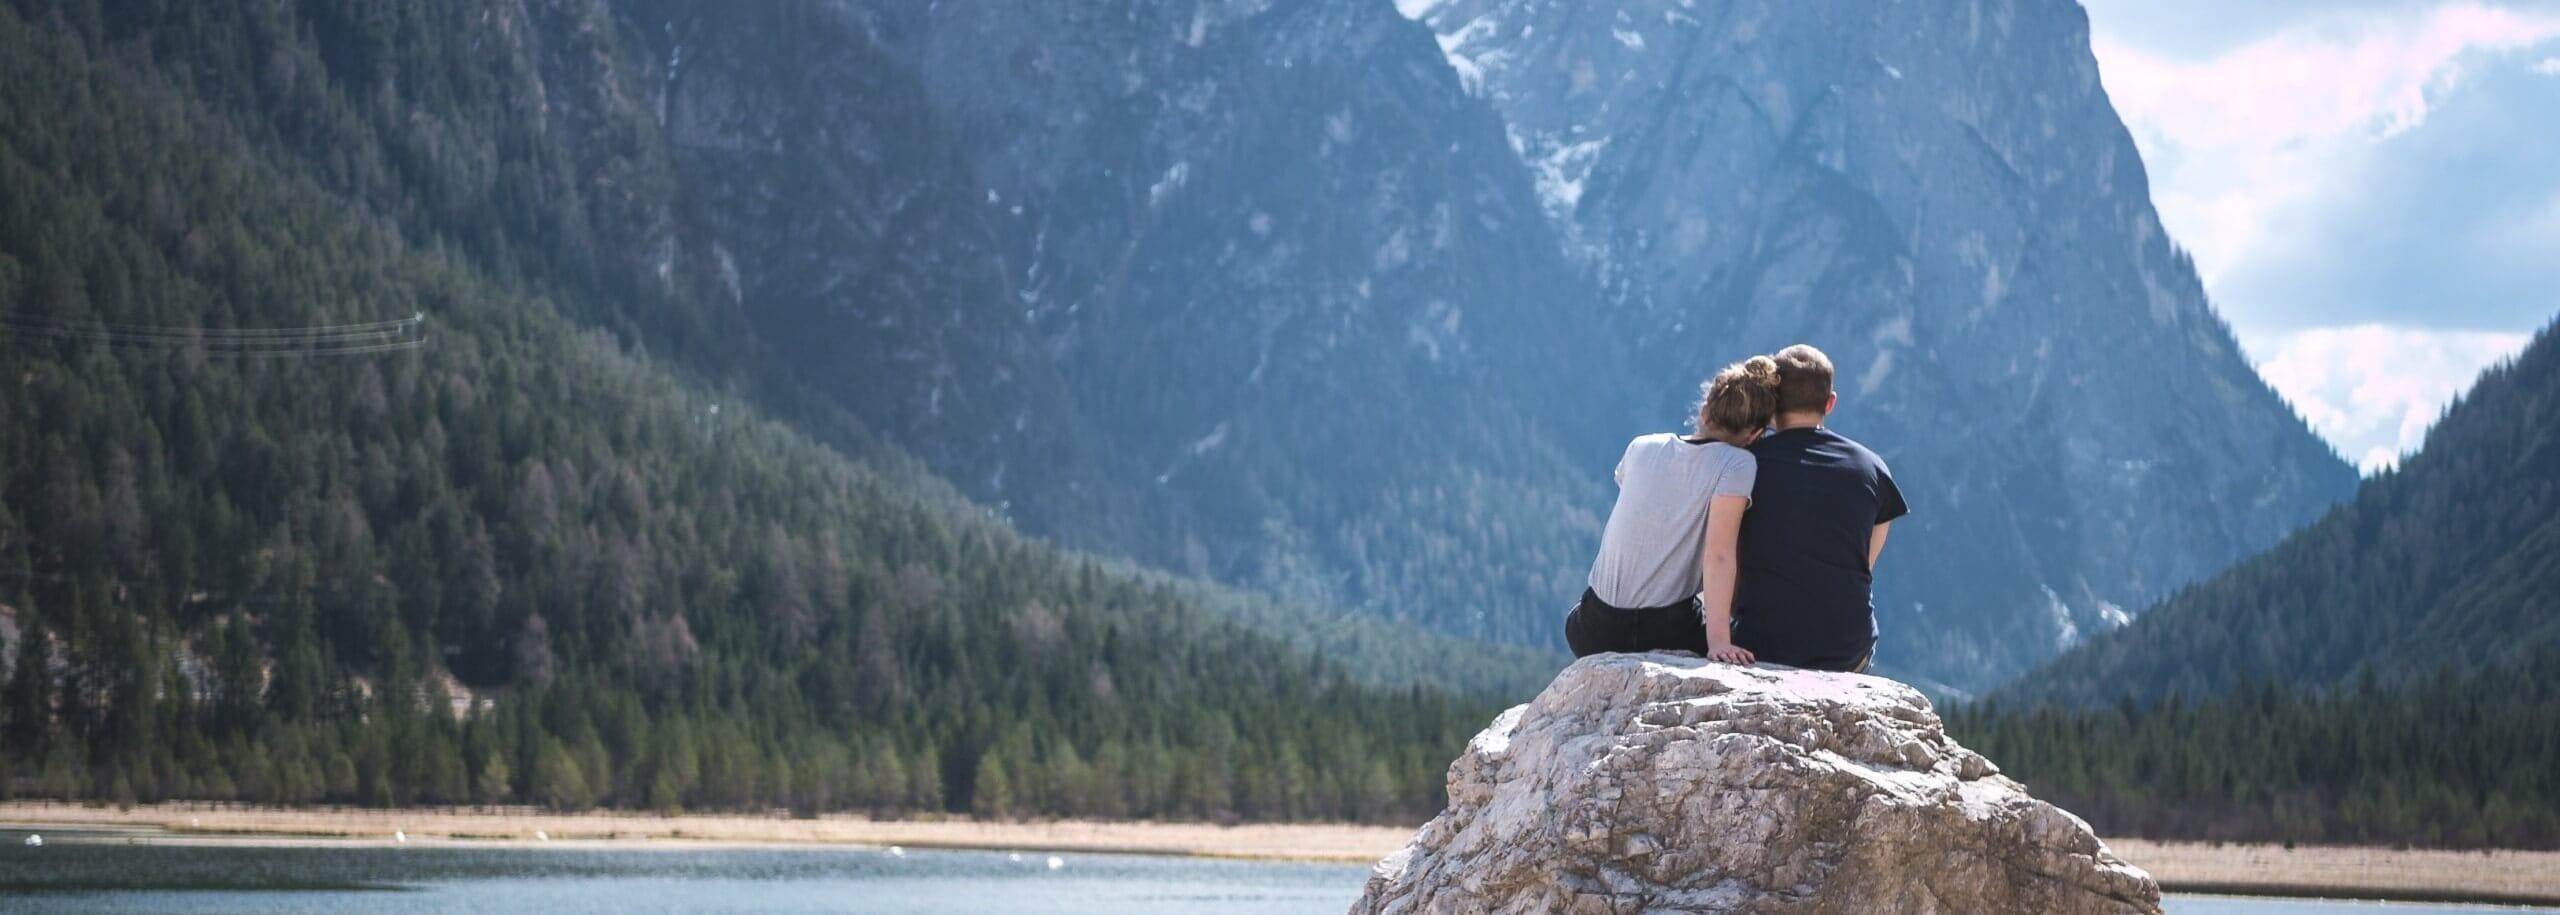 Paarberatung Paartherapie Eheberatung Beziehungen neu gestalten